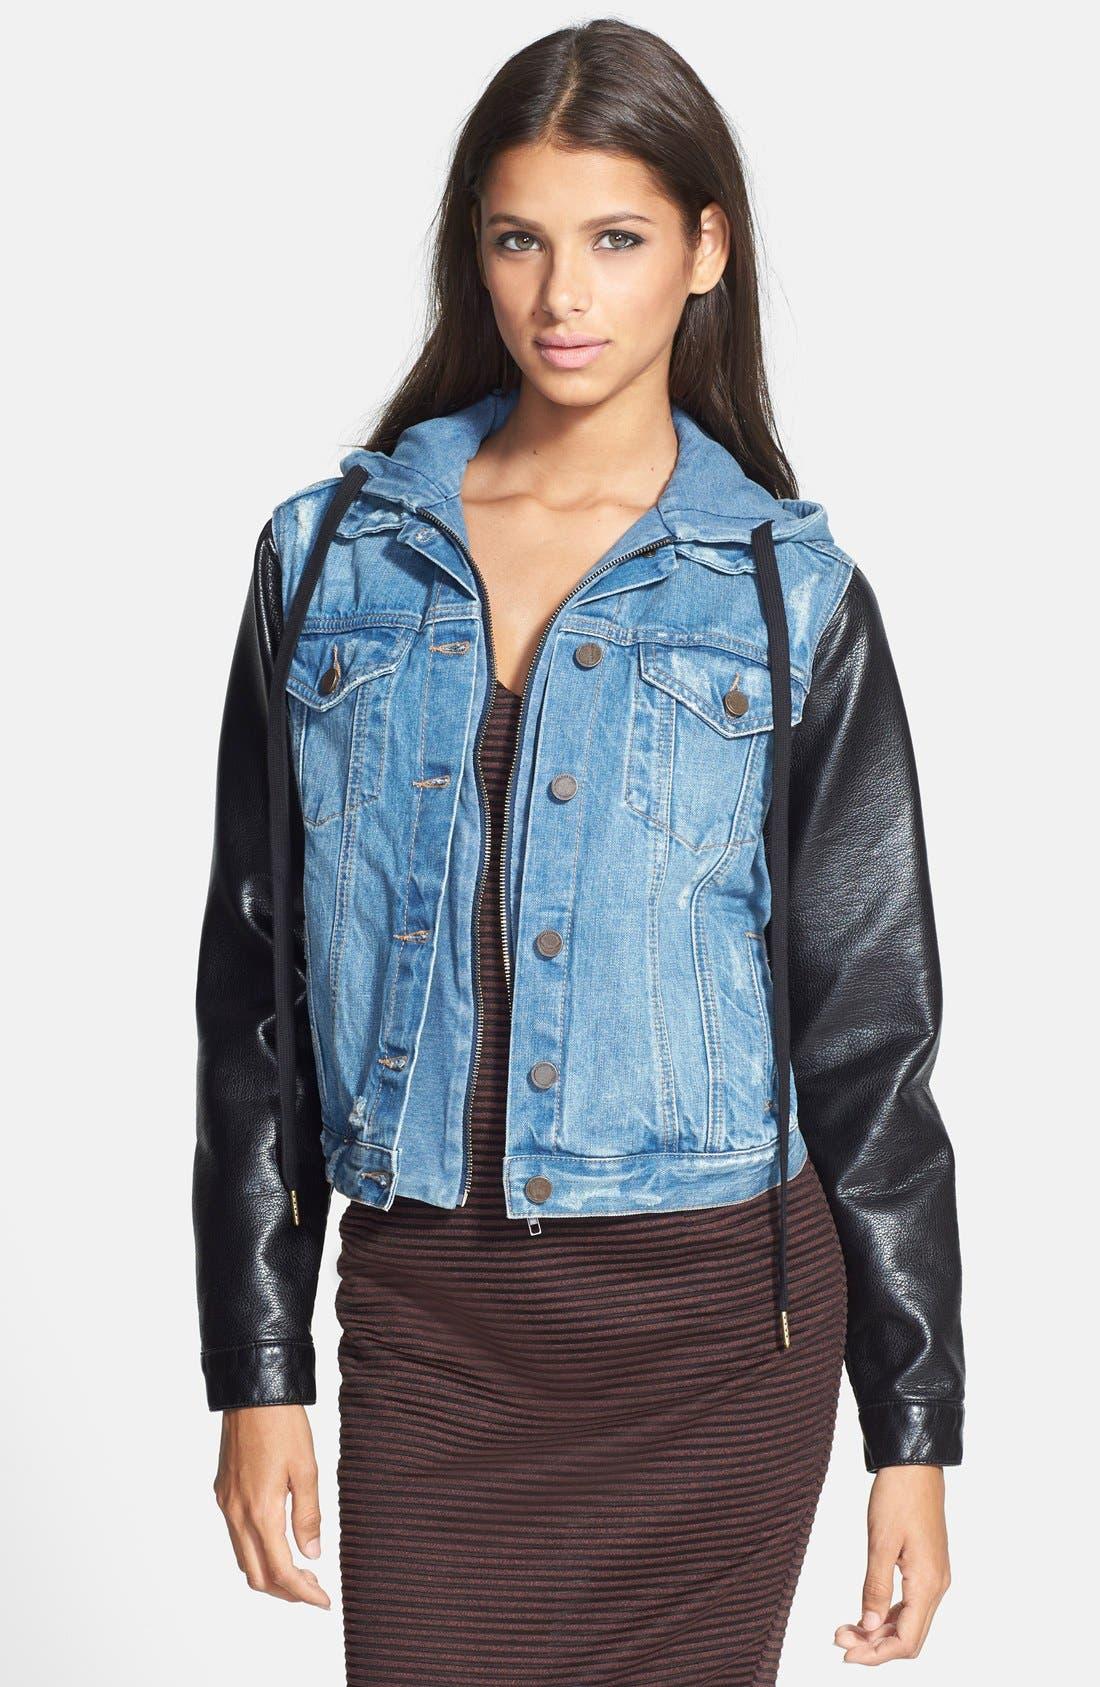 Alternate Image 1 Selected - BLANKNYC Mixed Media Denim Jacket